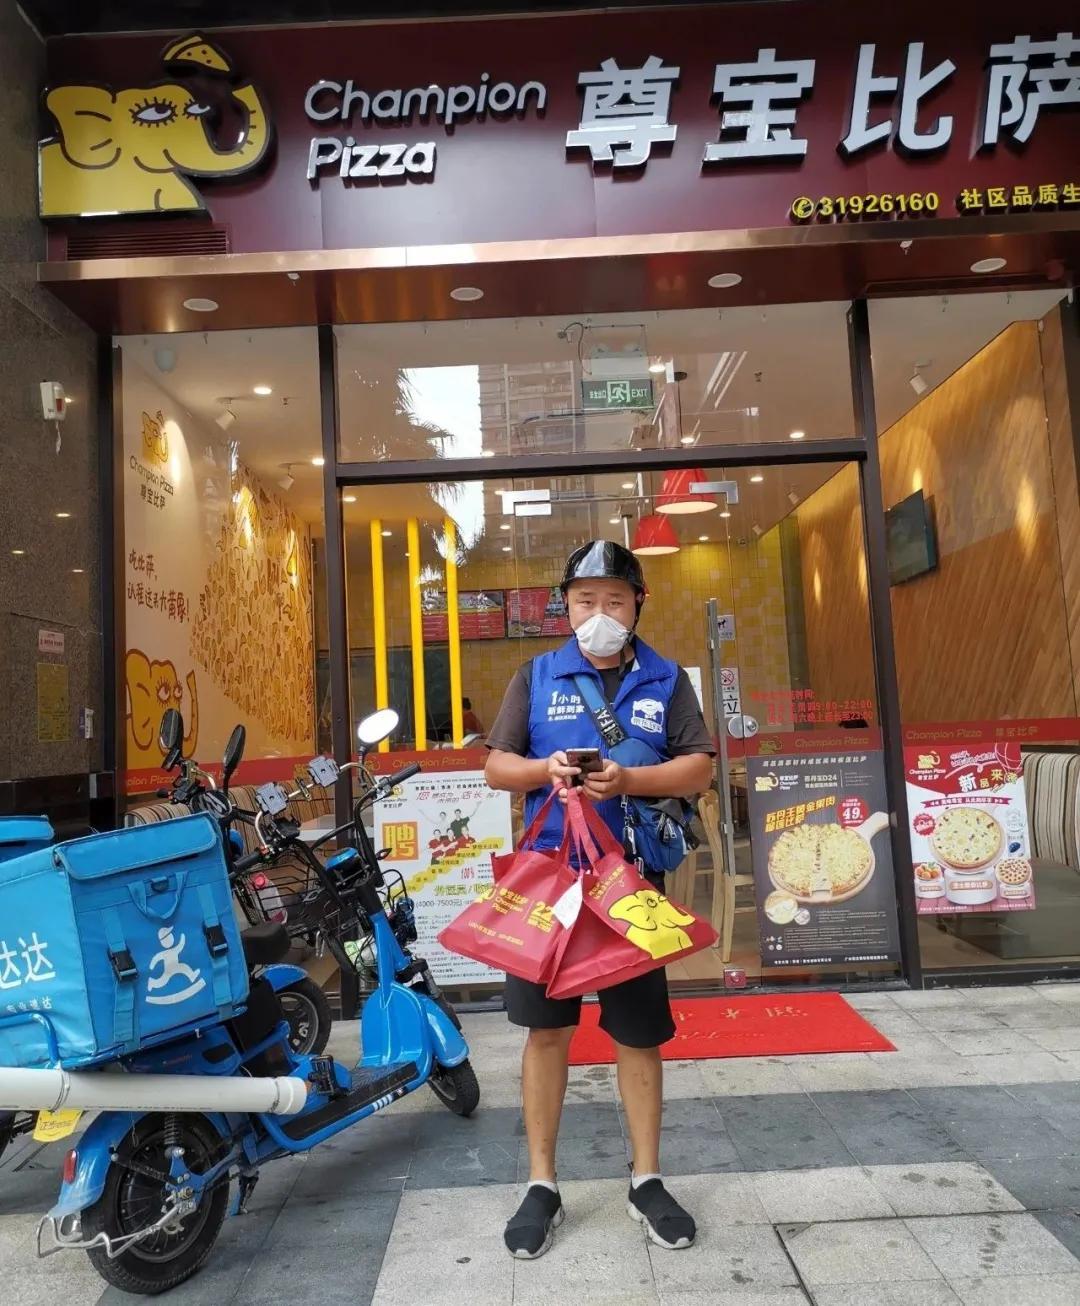 达达快送全心达助力餐饮消费新升级 服务超800家尊宝比萨门店